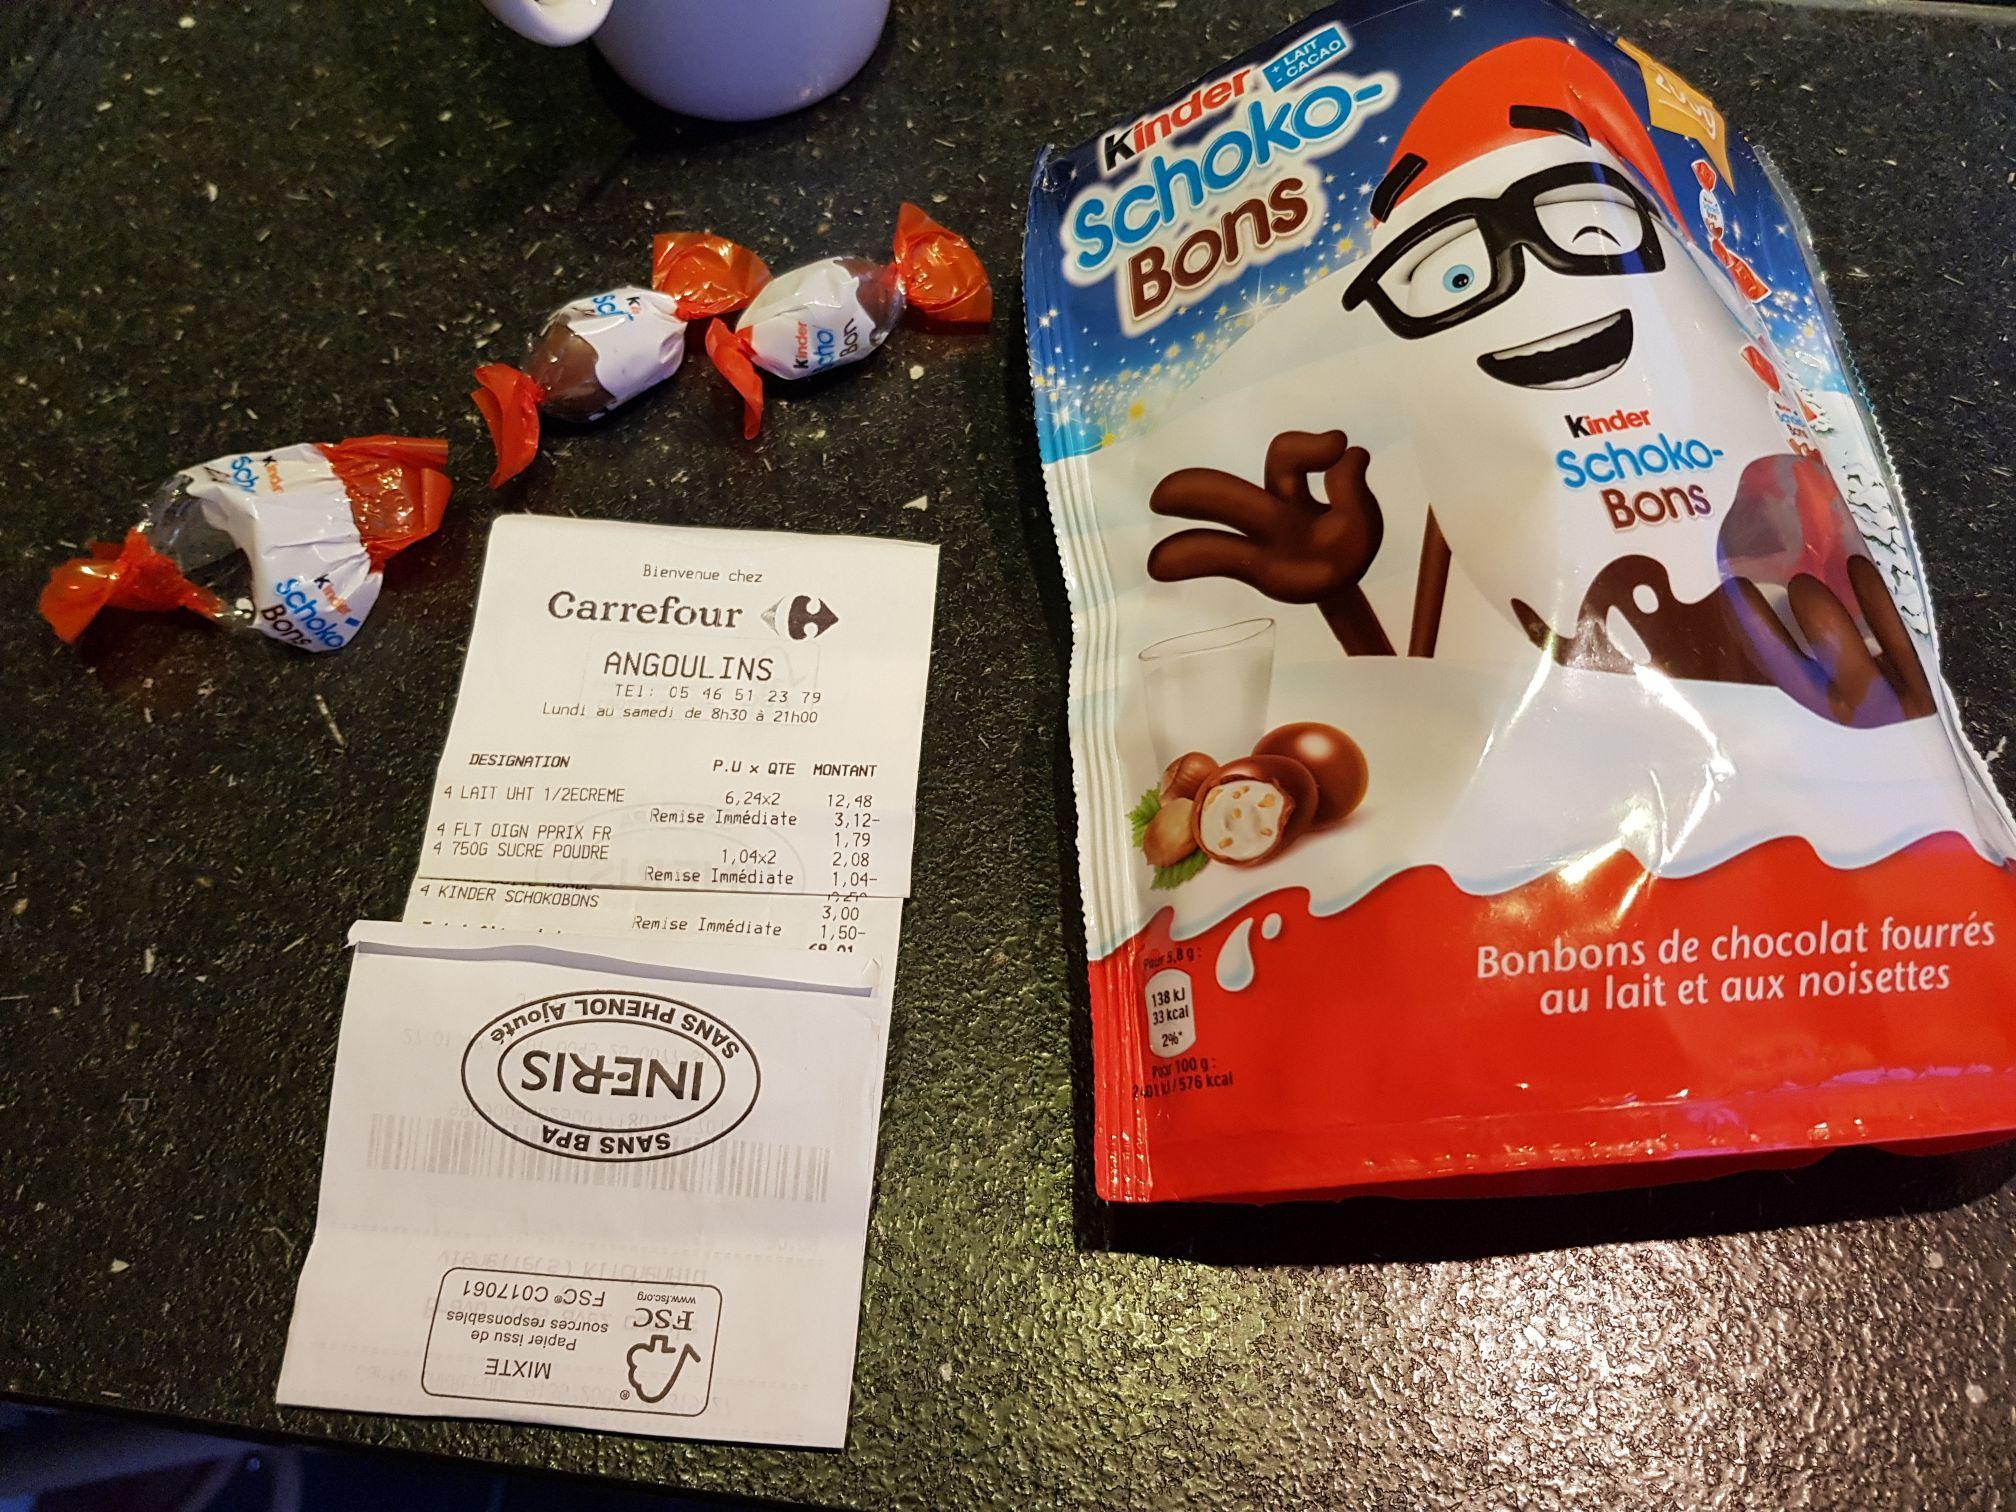 Paquet de chocolat Kinder Schoko-bons (200g) - Angoulins (17)